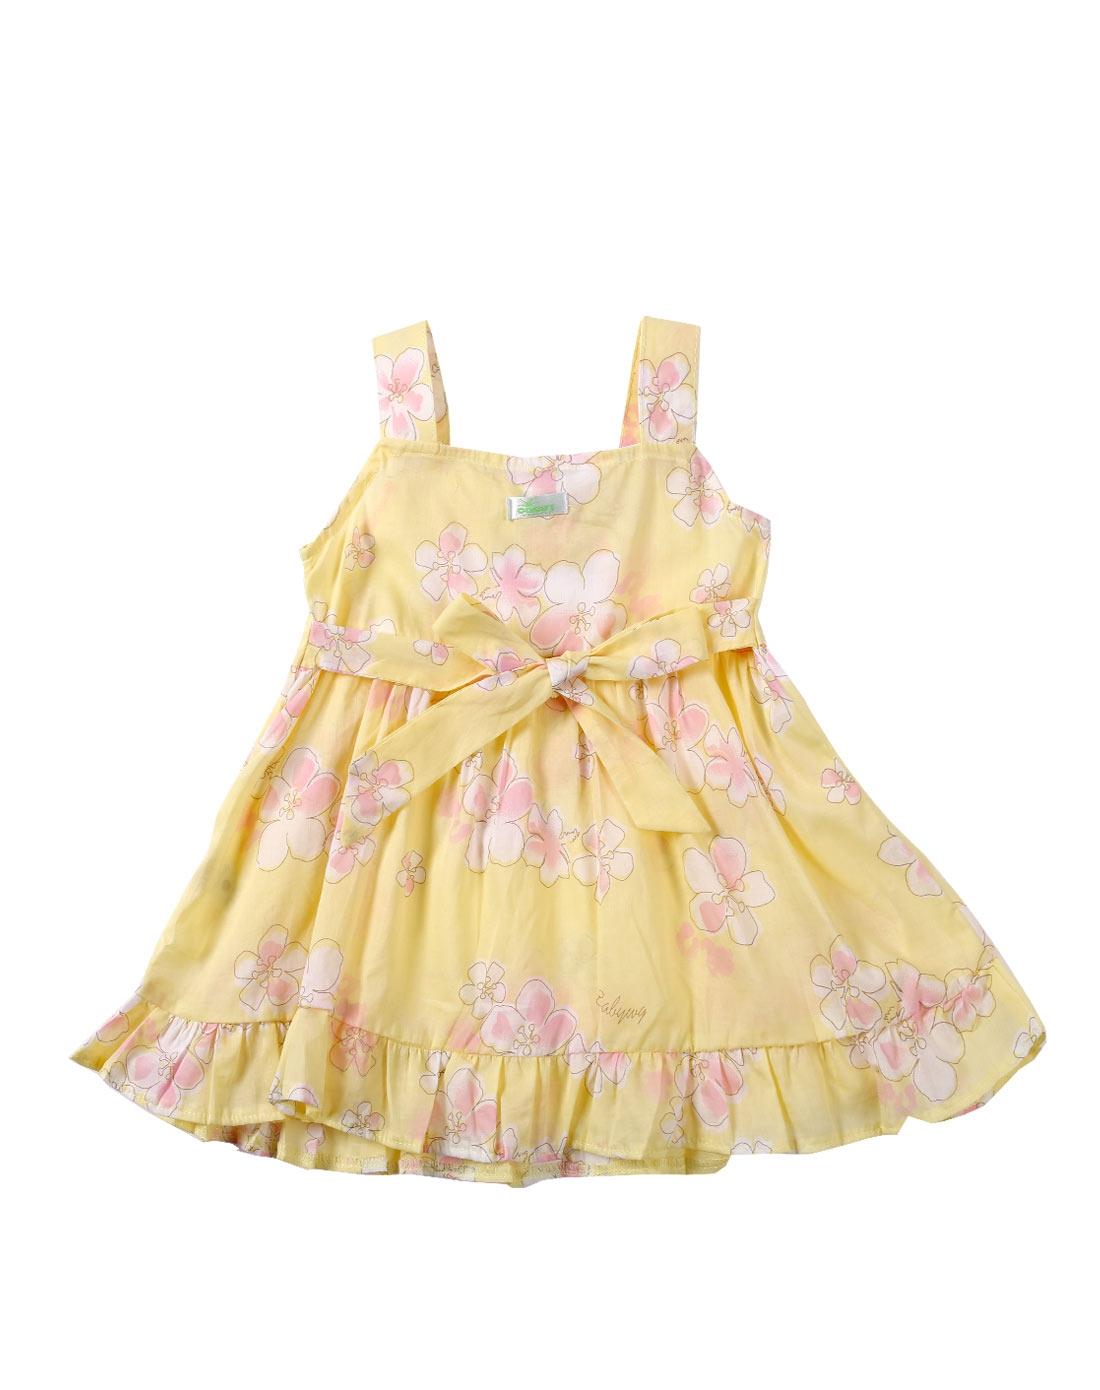 女童嫩黄色公主时尚裙子